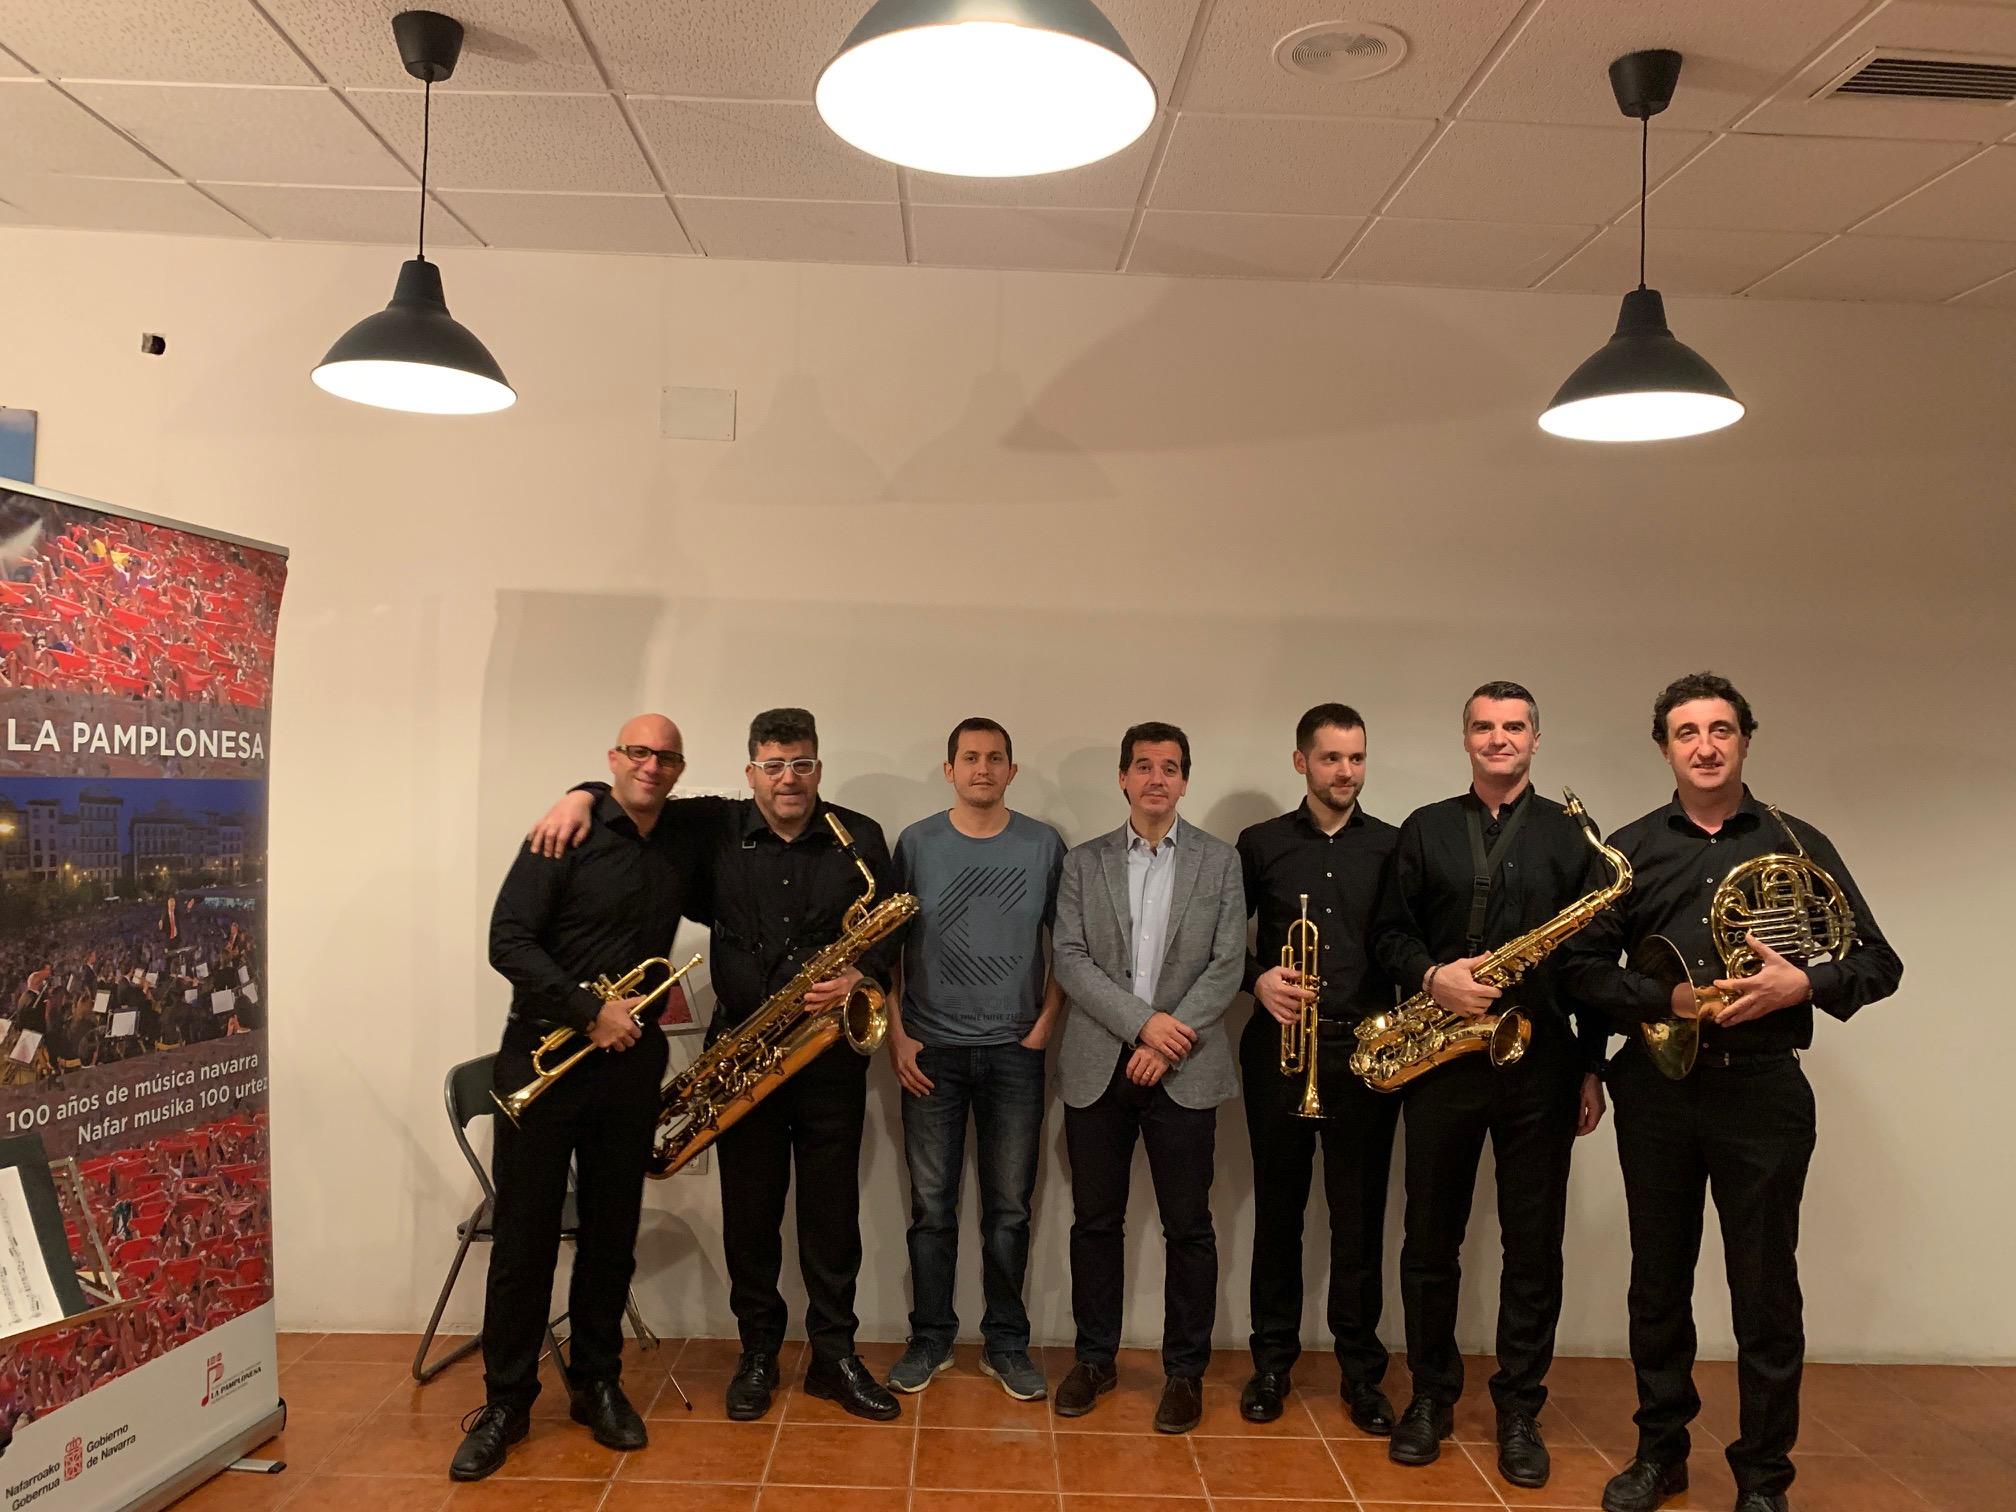 Quinteto de la Pamplonesa en el concierto de Valencia con el director general de Acción Exterior, Mikel Irujo.